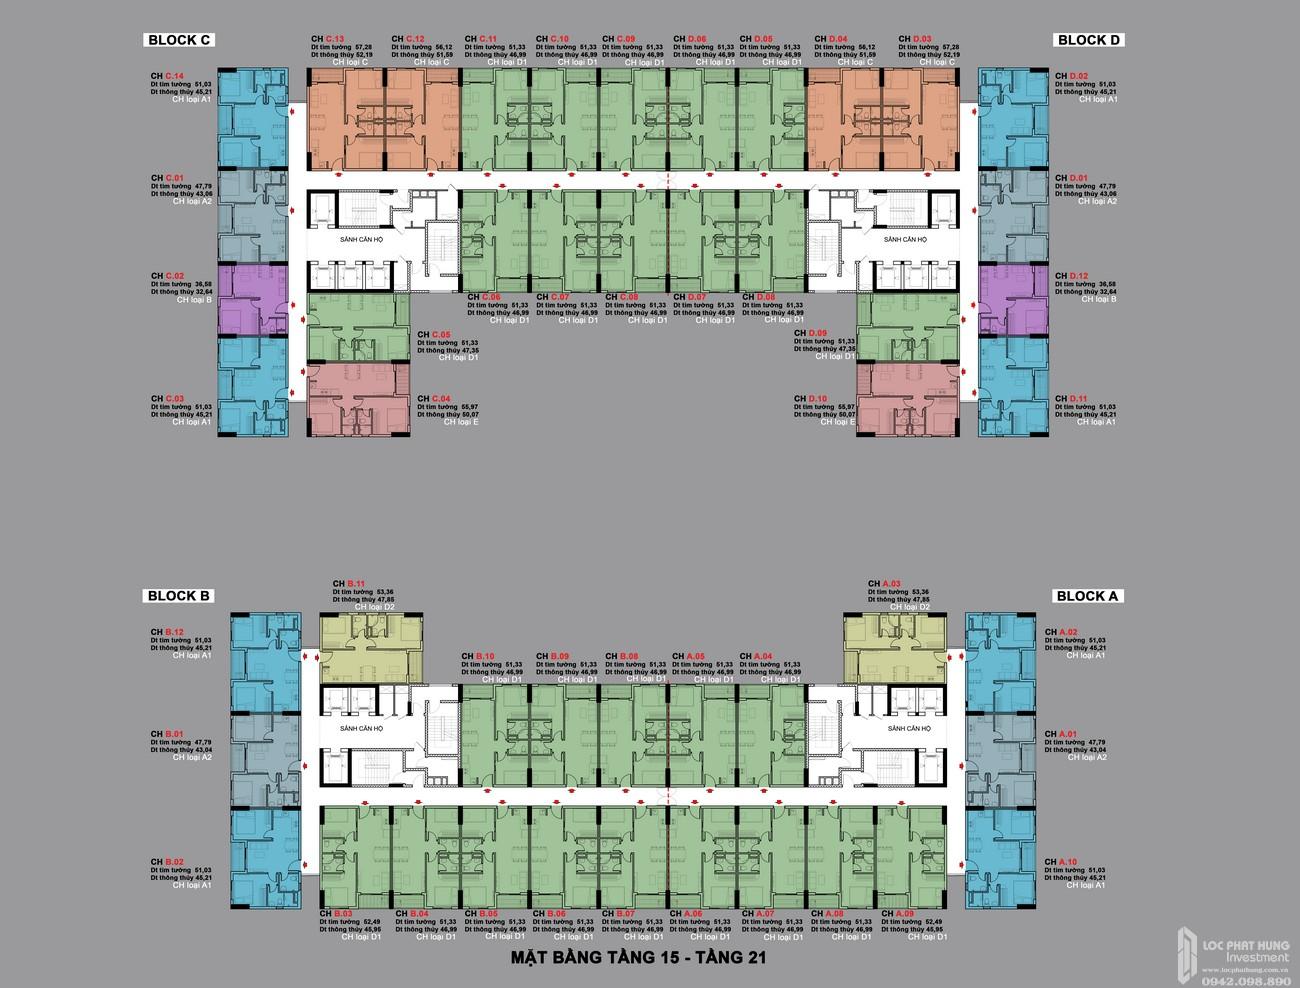 Mặt bằng tầng 15-21 căn hộ BCONS PLAZA